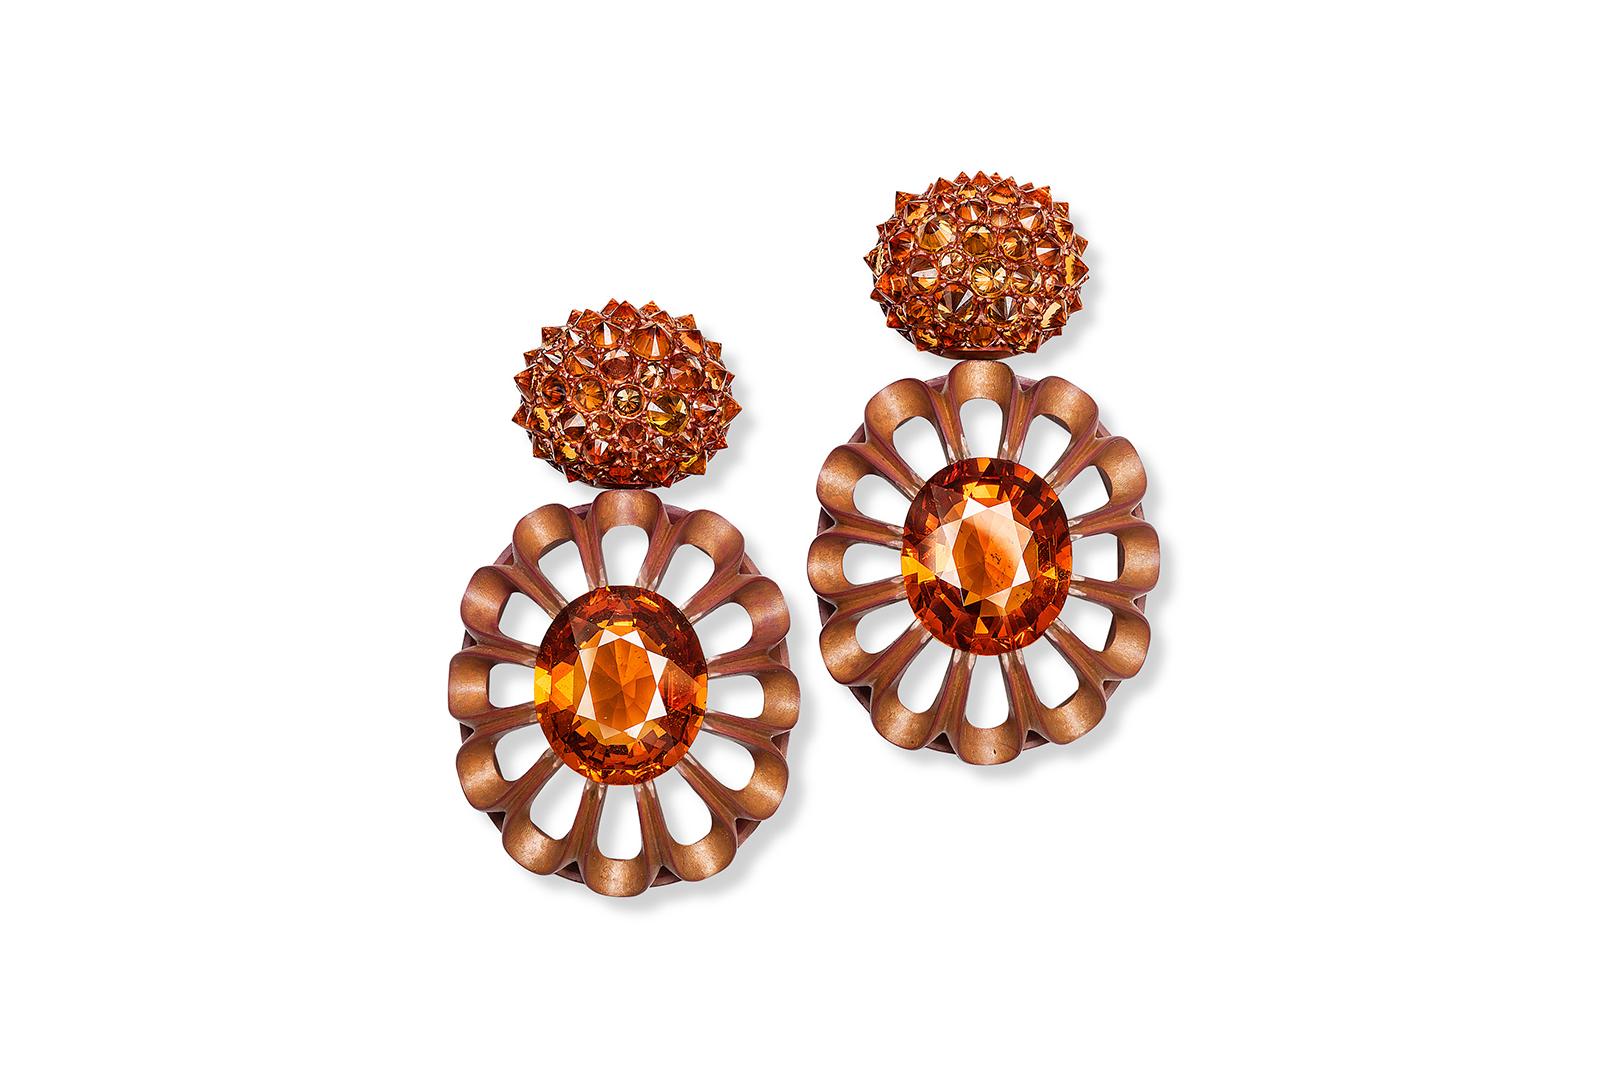 Hemmerle-earrings_-sapphires_-spessatite-garnets_-copper-and-white-gold-0704.jpg